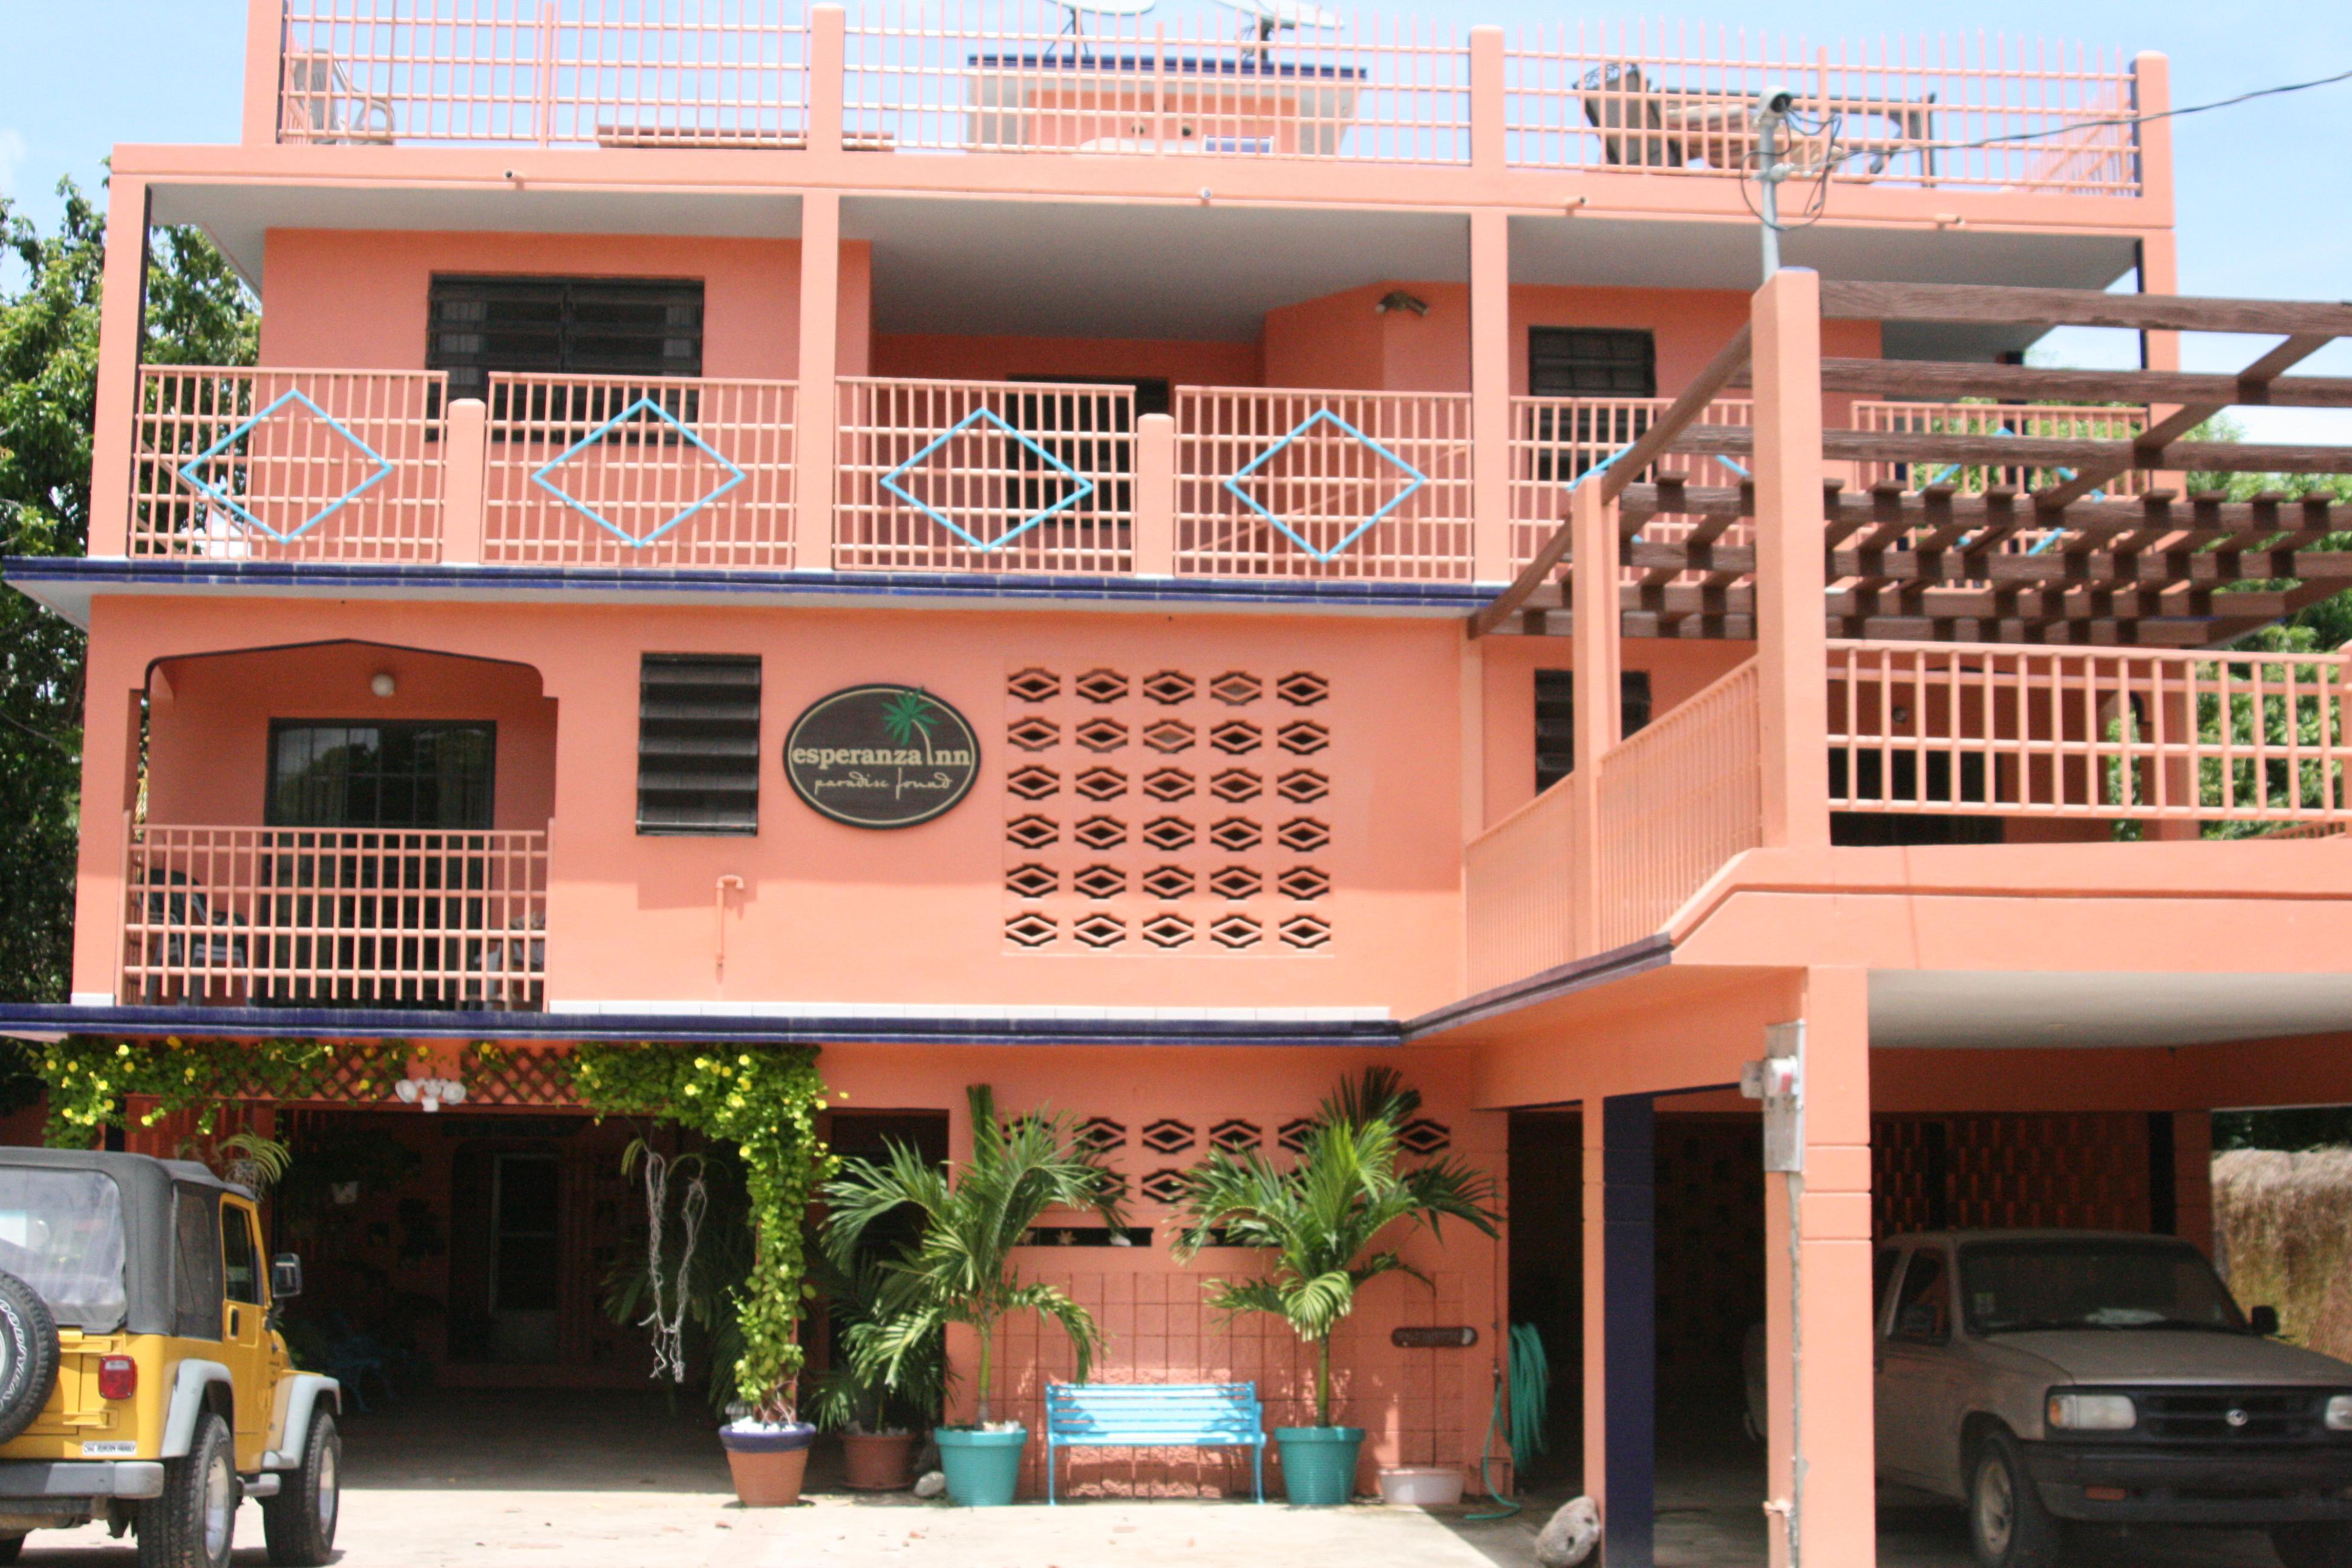 Esperanza Inn